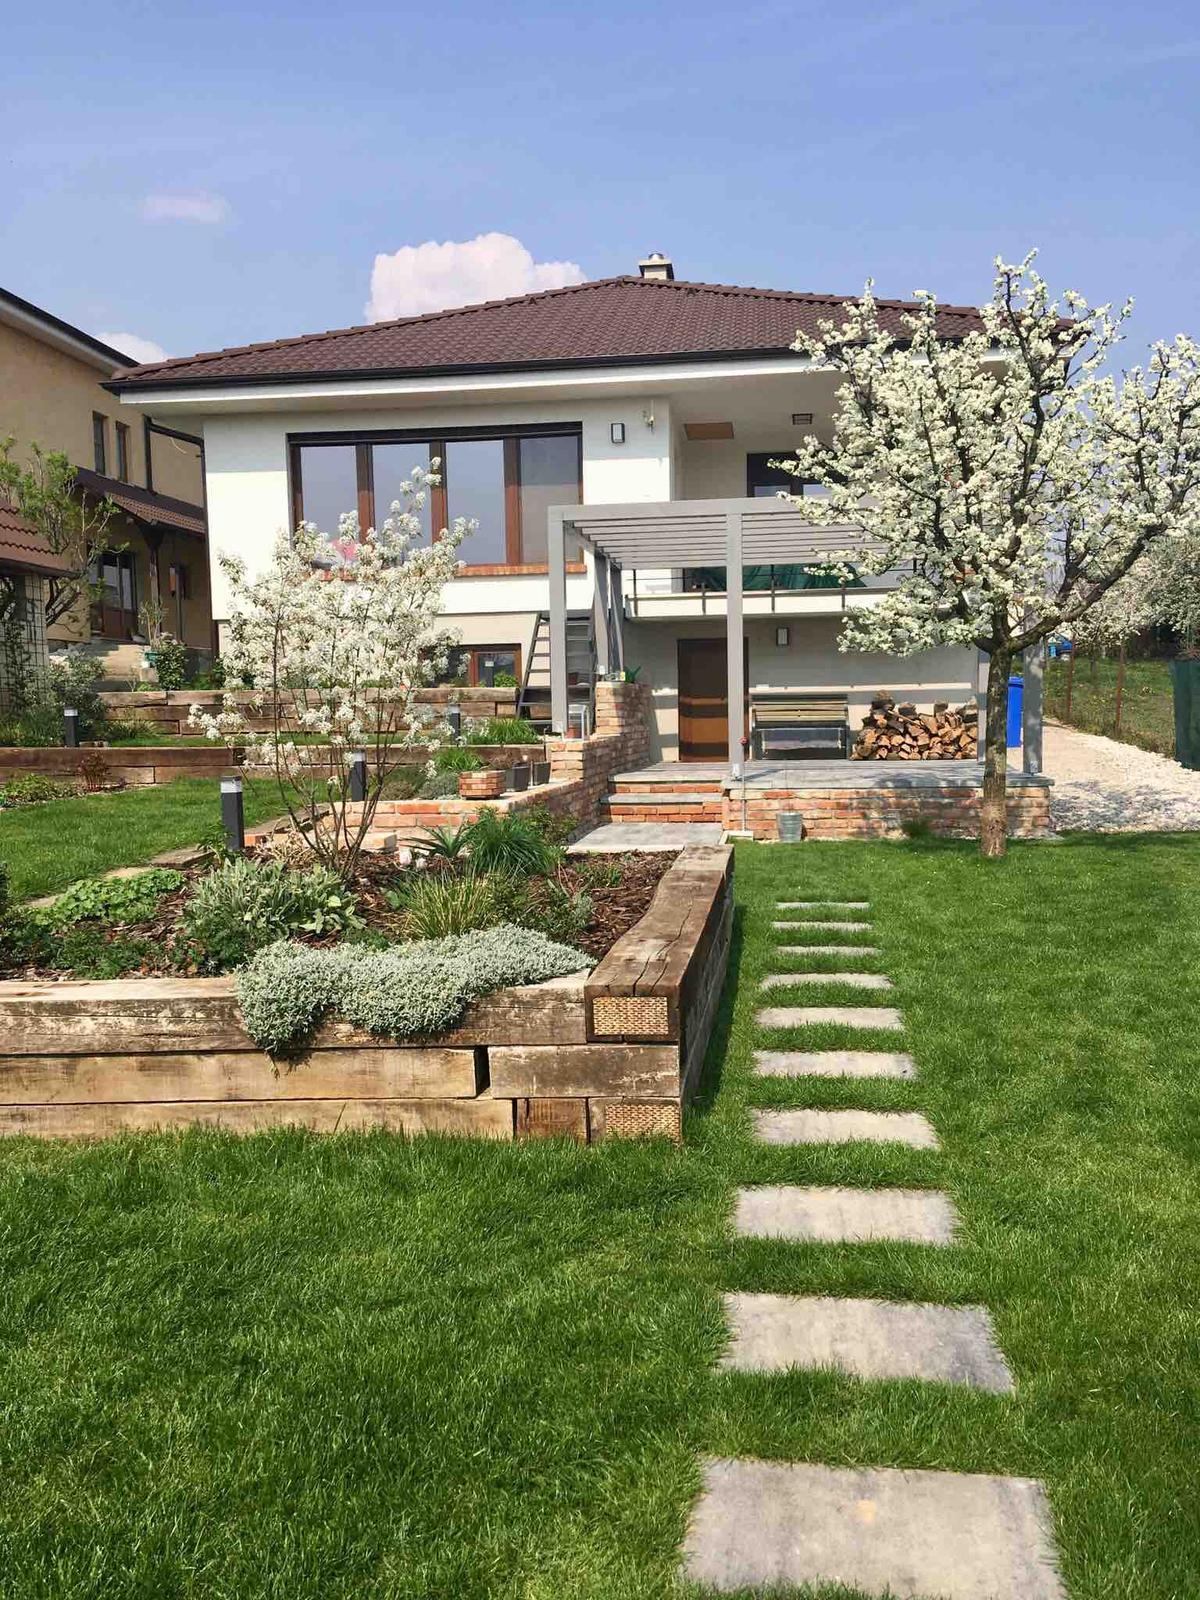 Názov stavby 3 - in da garden - apríl 2019